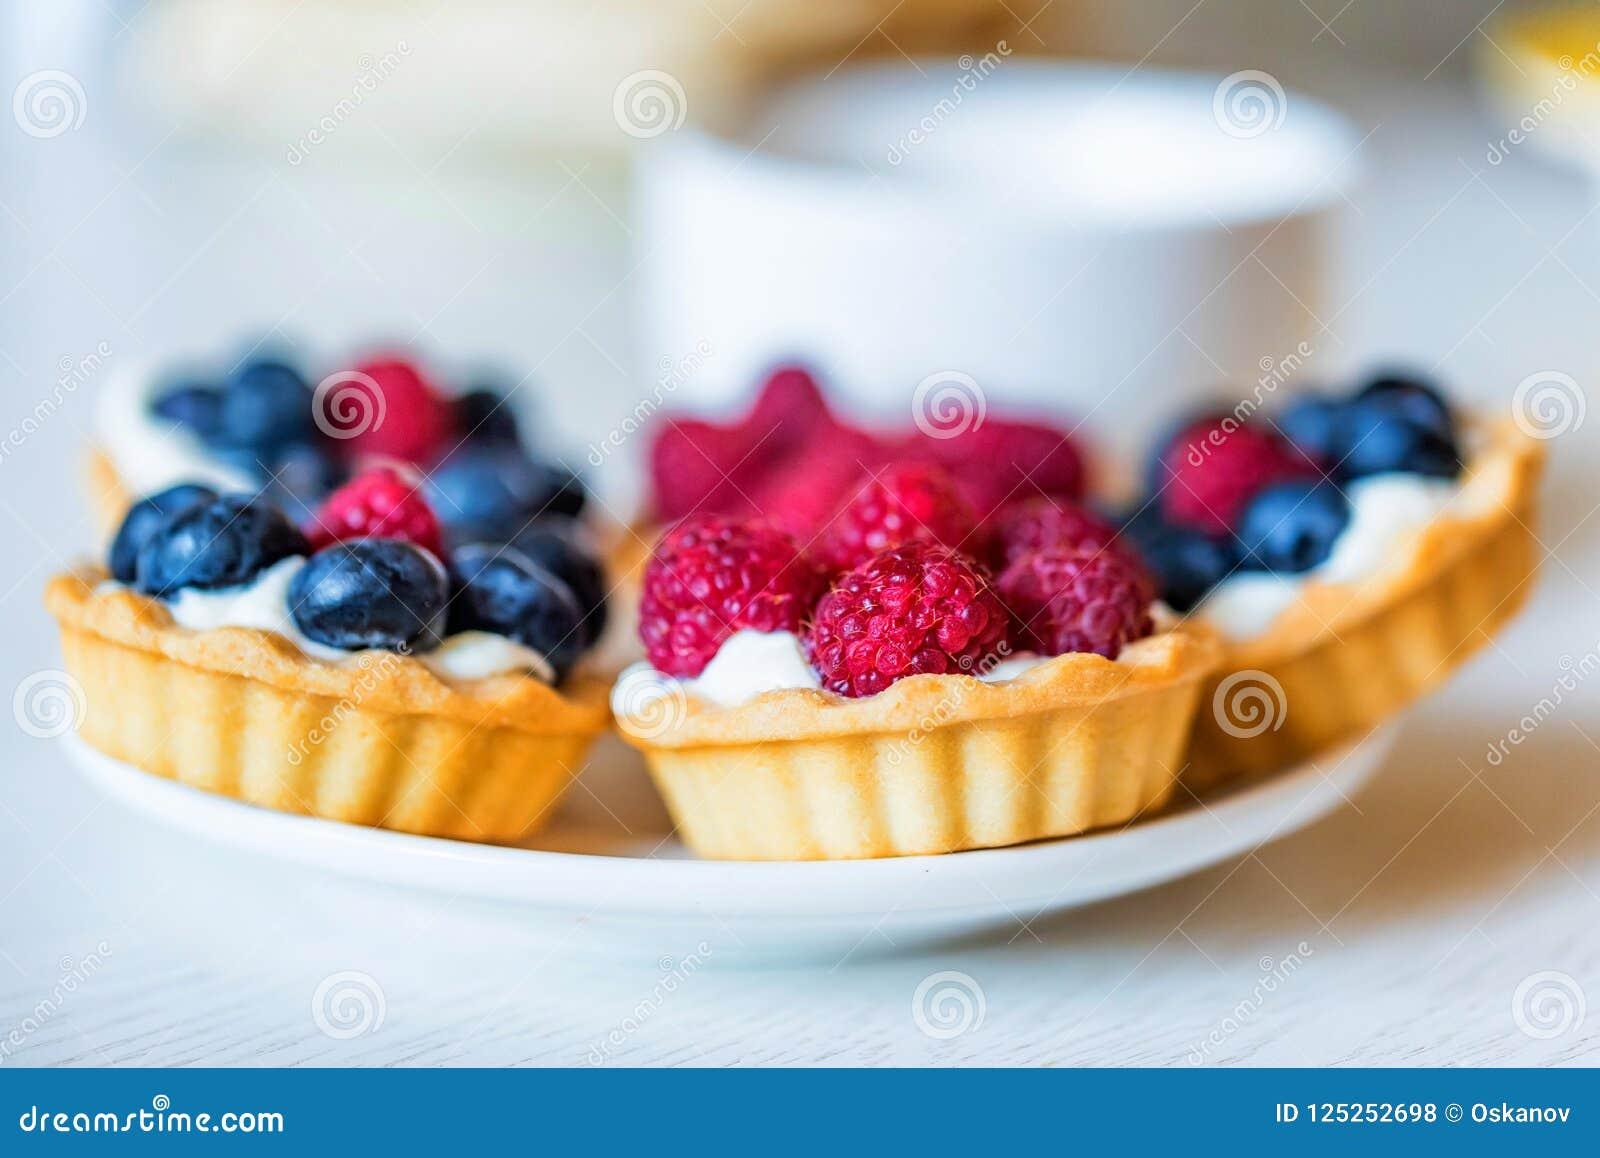 Zoete taartjes met gemengde bessen op een plaat